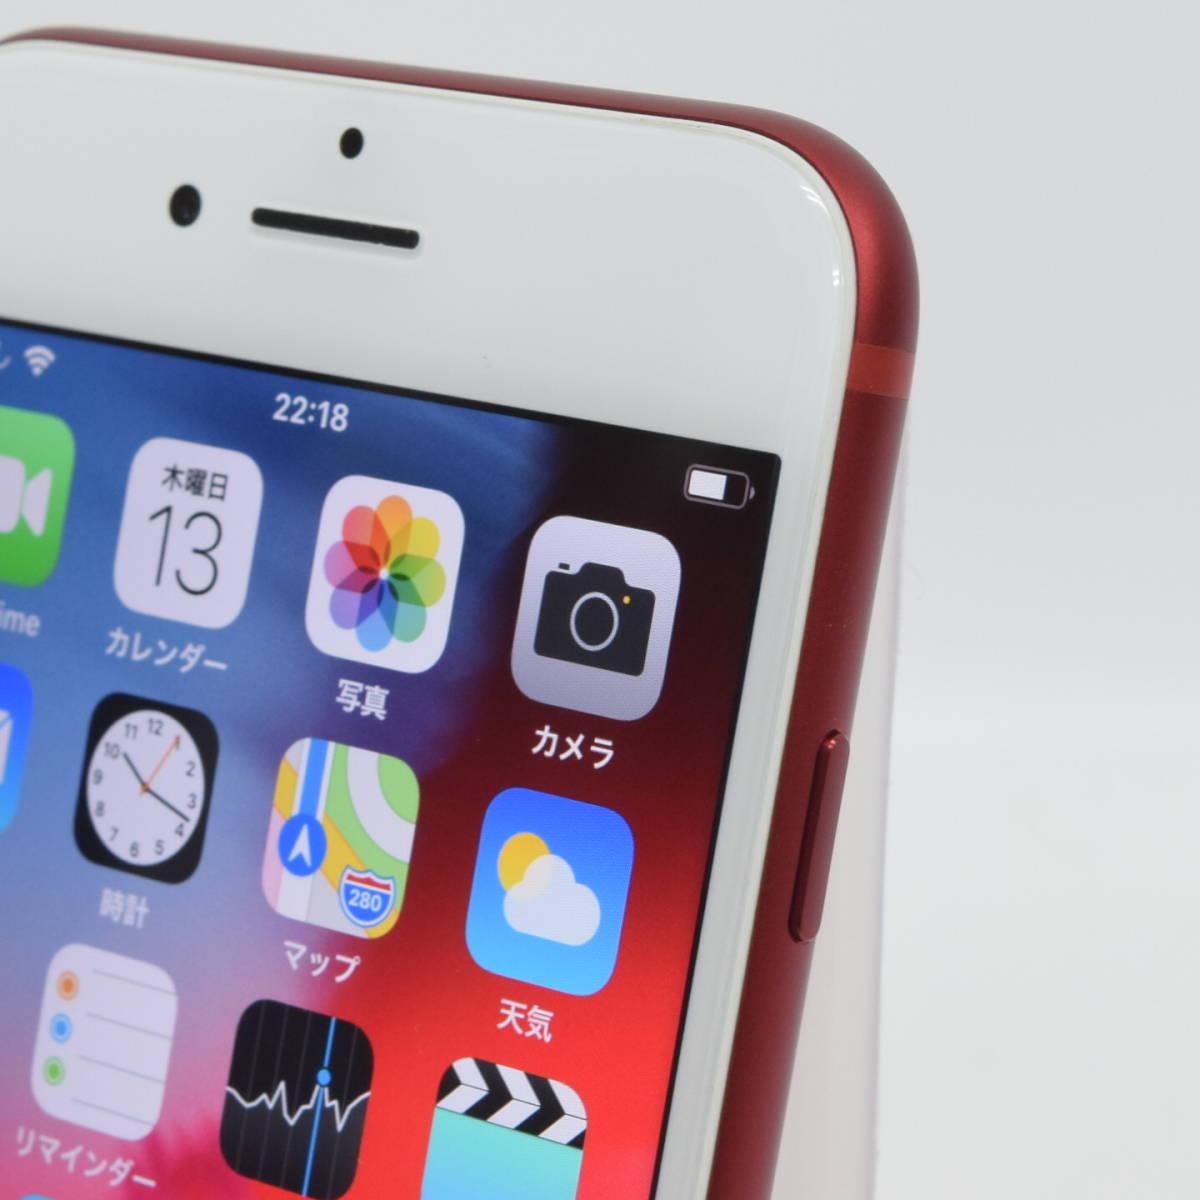 [TA503] 超美品 SIMフリー iPhone7 PRODUCT RED 128GB 付属品未使用 MPRX2J/A A1779 プロダクト レッド _画像2